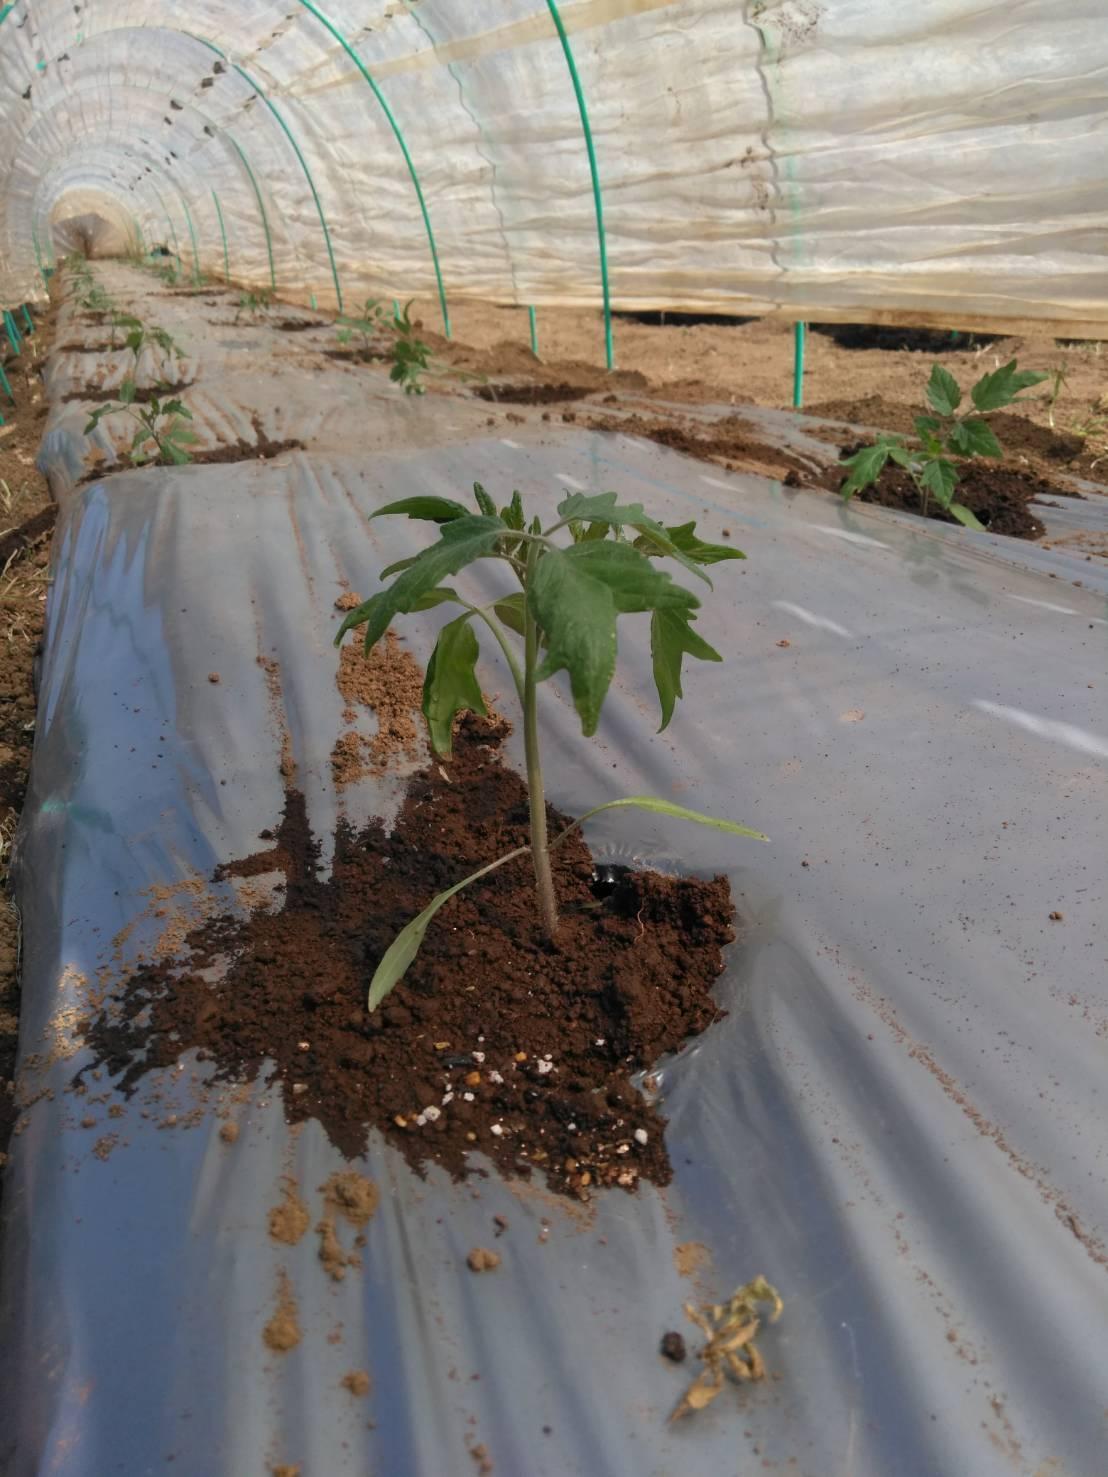 今日でトマトの定植終了です  バジリコ 人参の播種終了 蚕豆&スナップエンドウ豆は15日より収穫いたします_c0222448_13530759.jpg